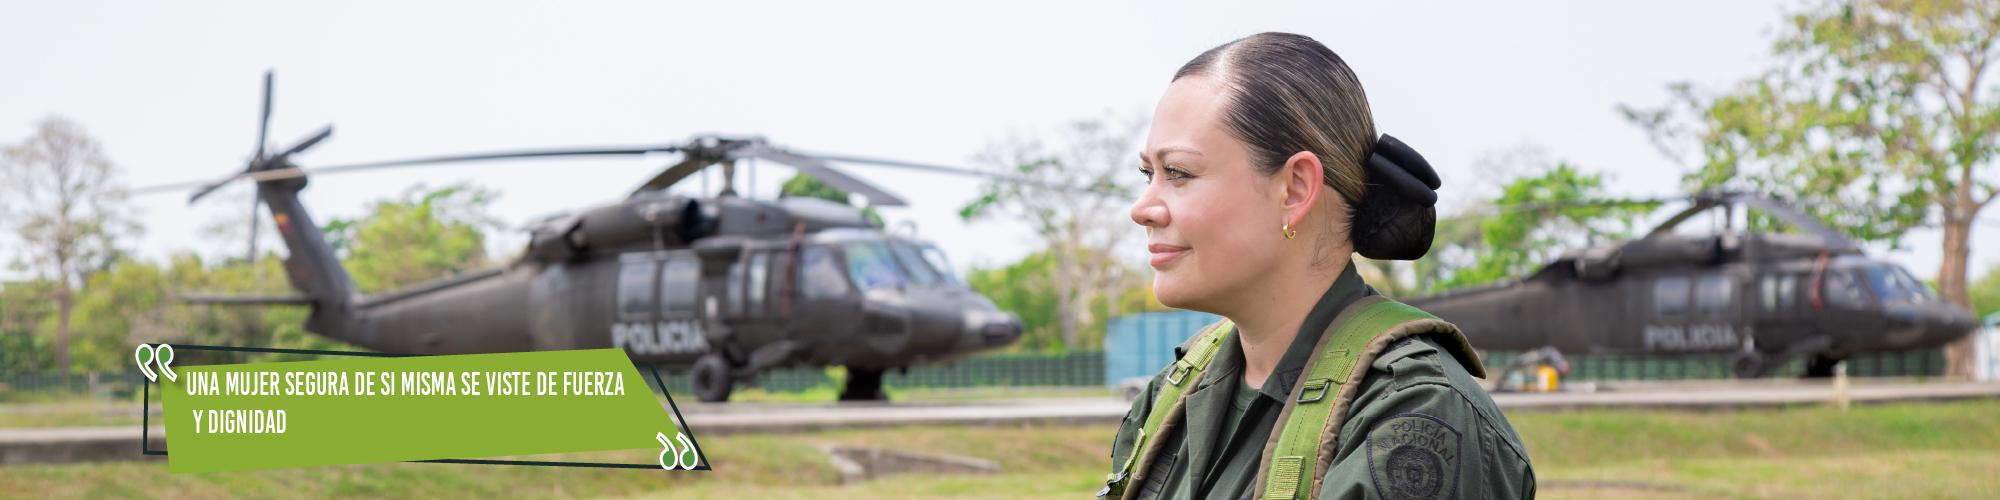 mujer policía de colombia